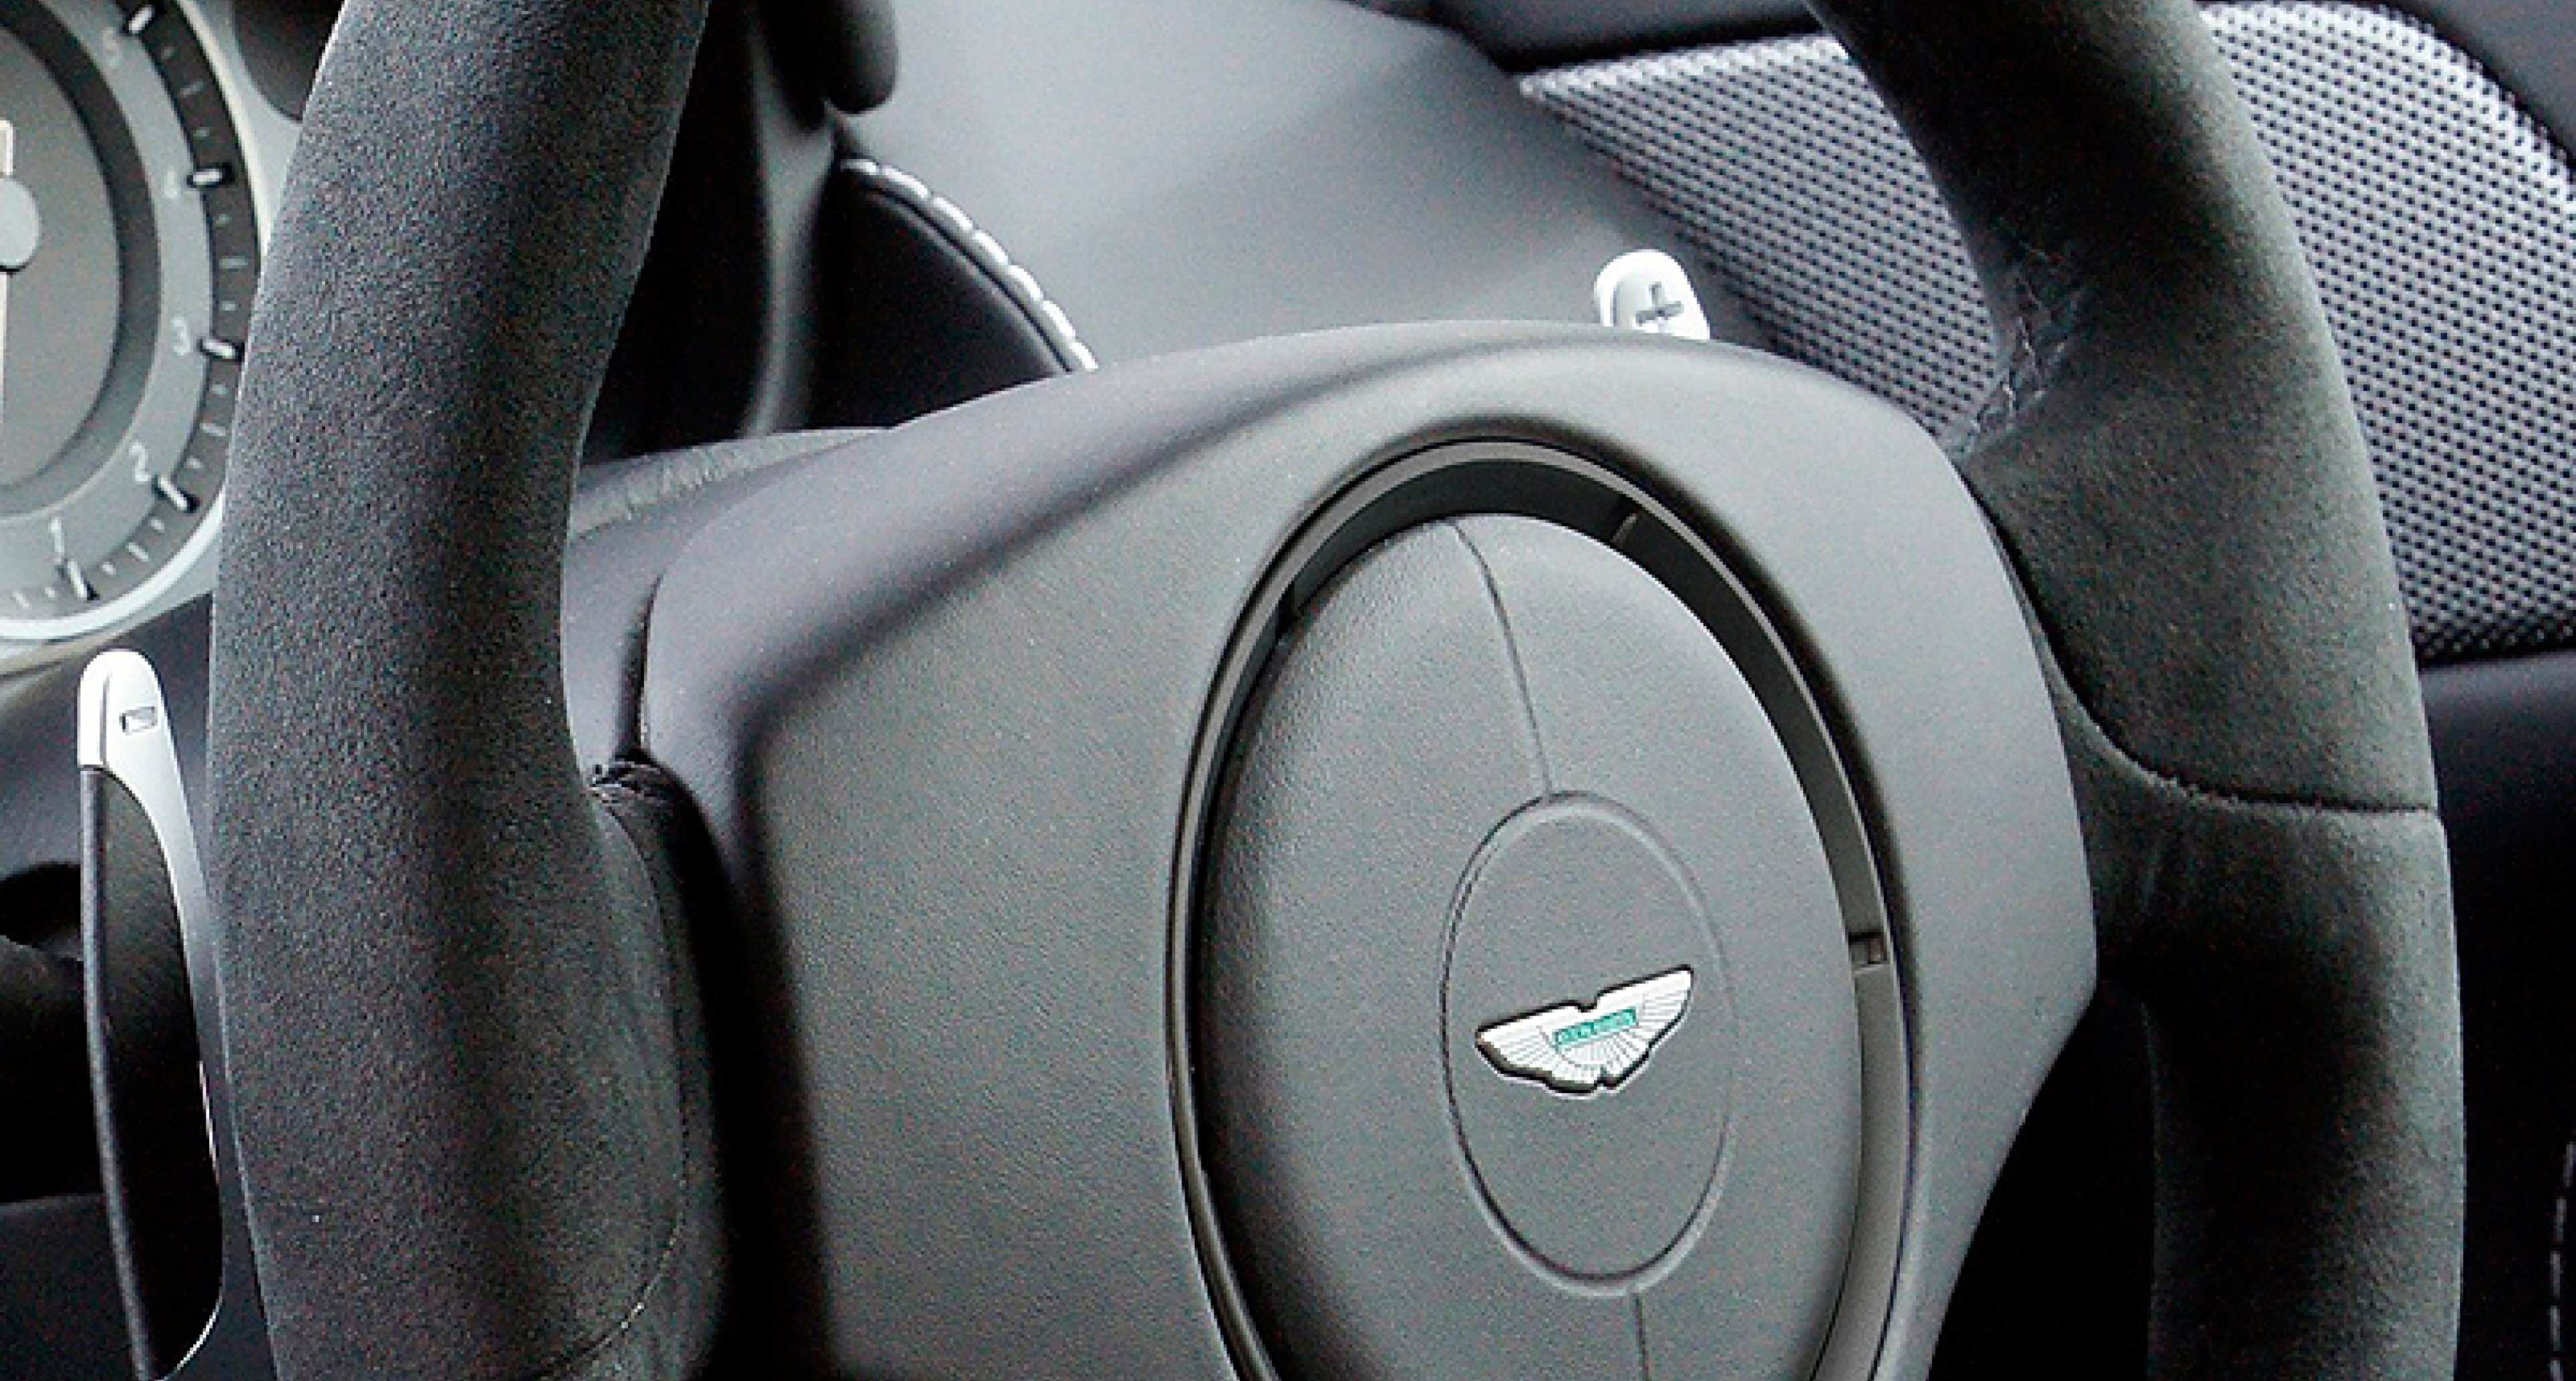 Aston Martin Special Edition Vantage 4.7 in Frankfurt